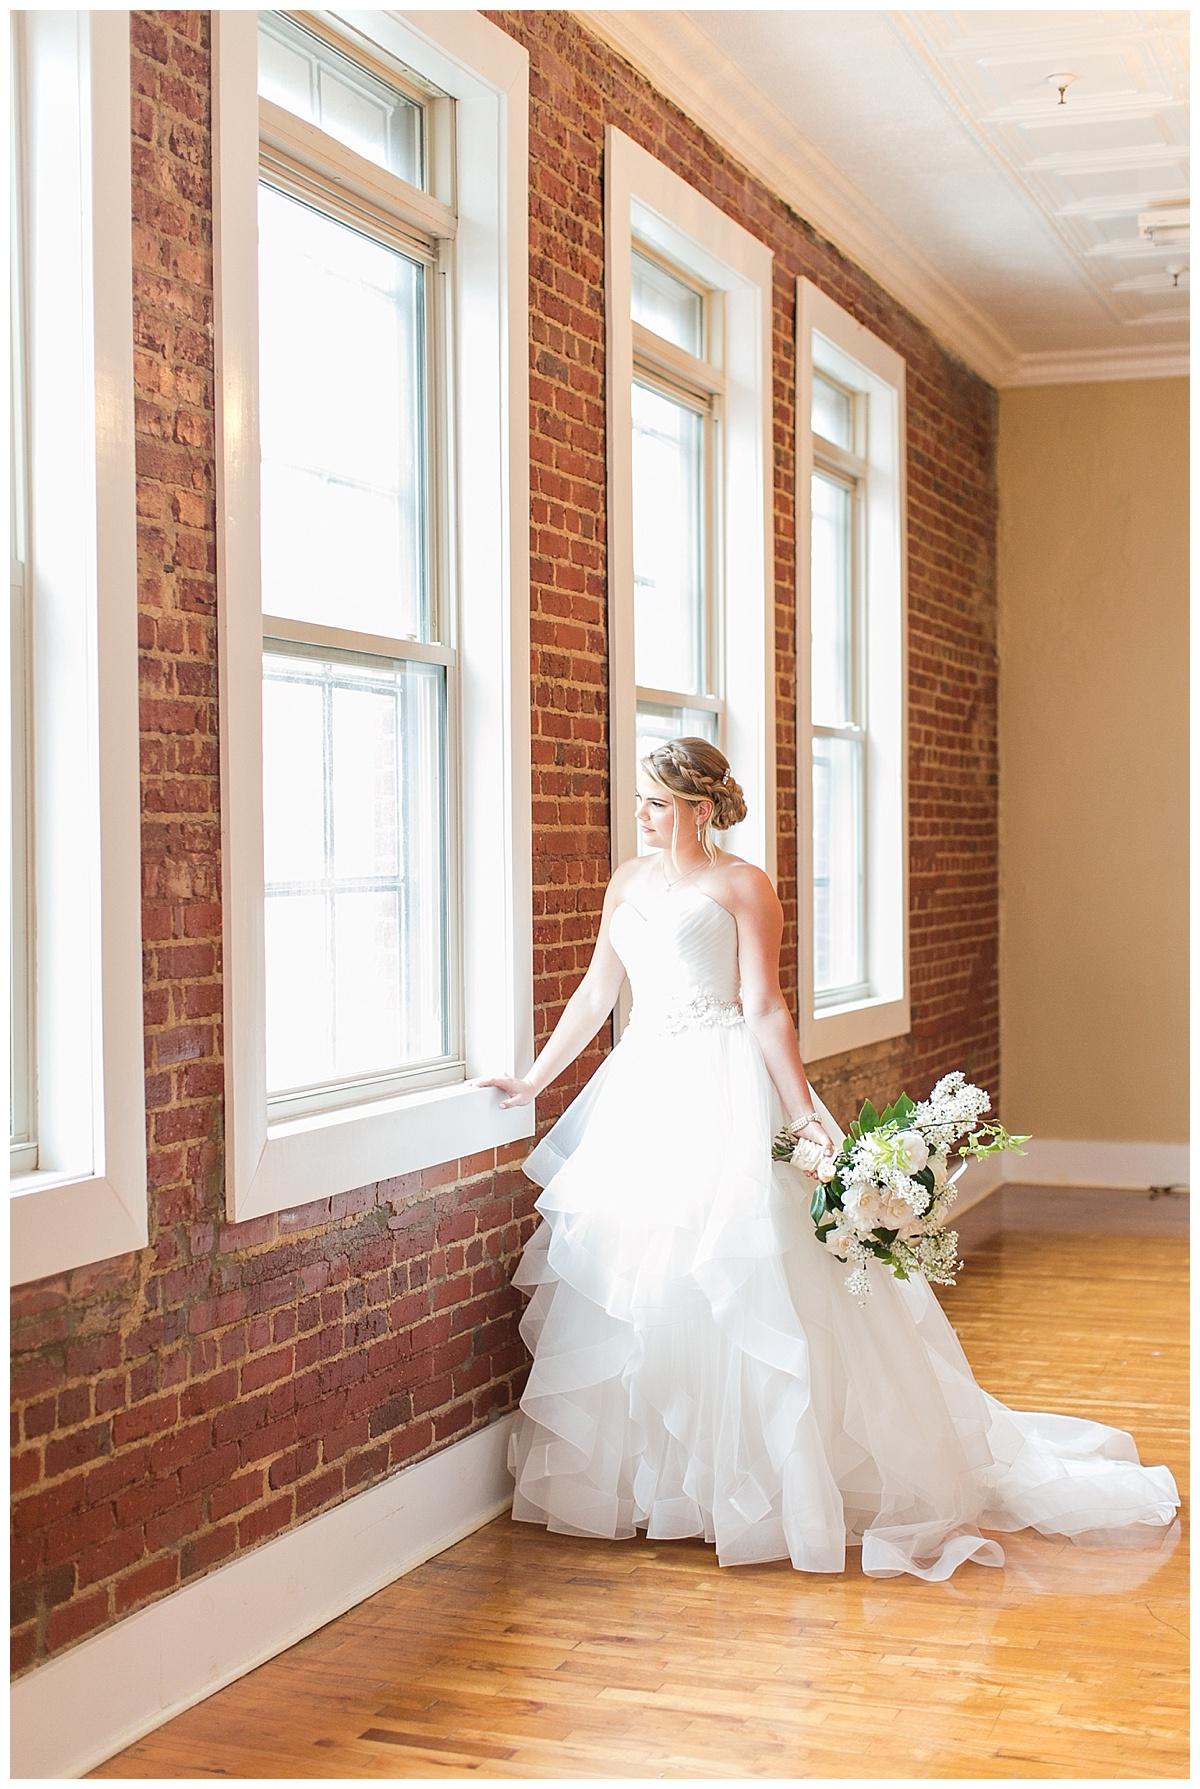 Scott's_Downtown_Monroe_Ga_Wedding_Photograpehrs_0018.jpg